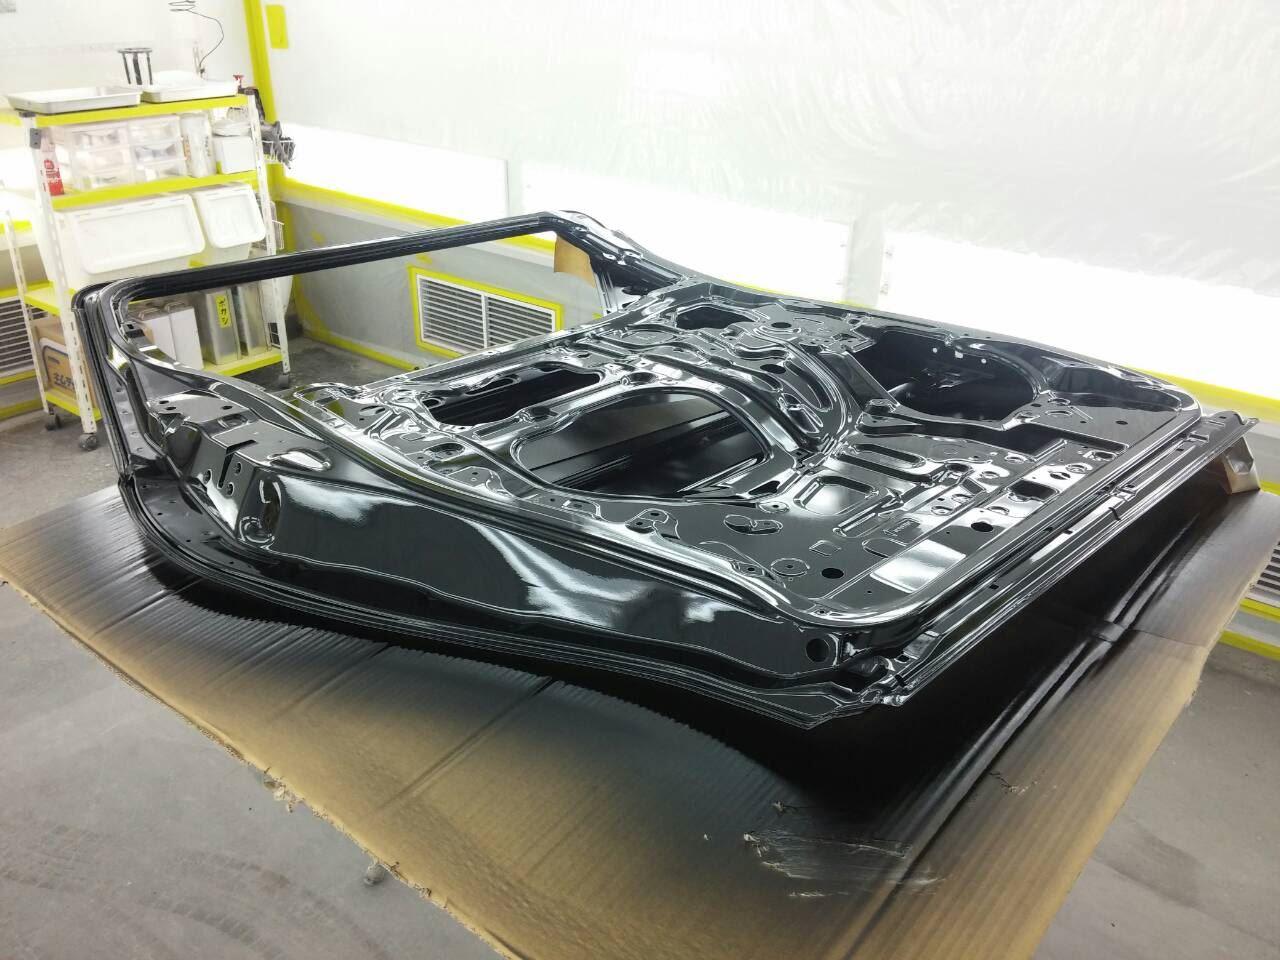 東京都立川市の車の板金塗装修理工場 ガレージローライドのトヨタ アルファードの左側面のキズ へこみ の板金 修理 塗装 です。